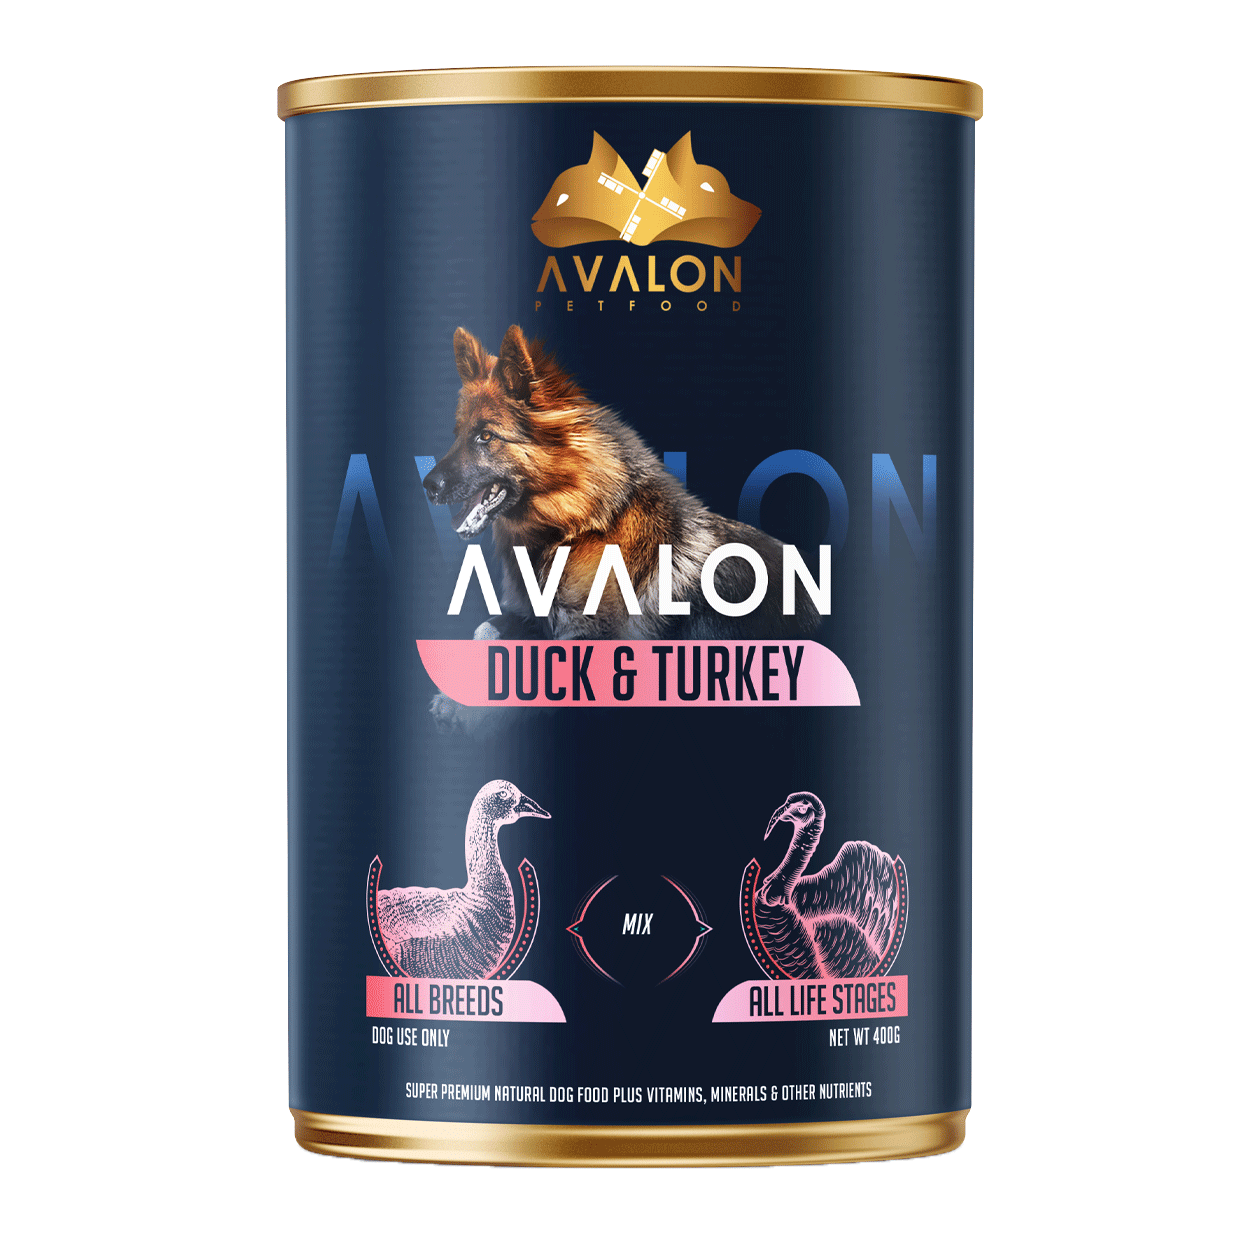 Avalon-Duck-Turkey